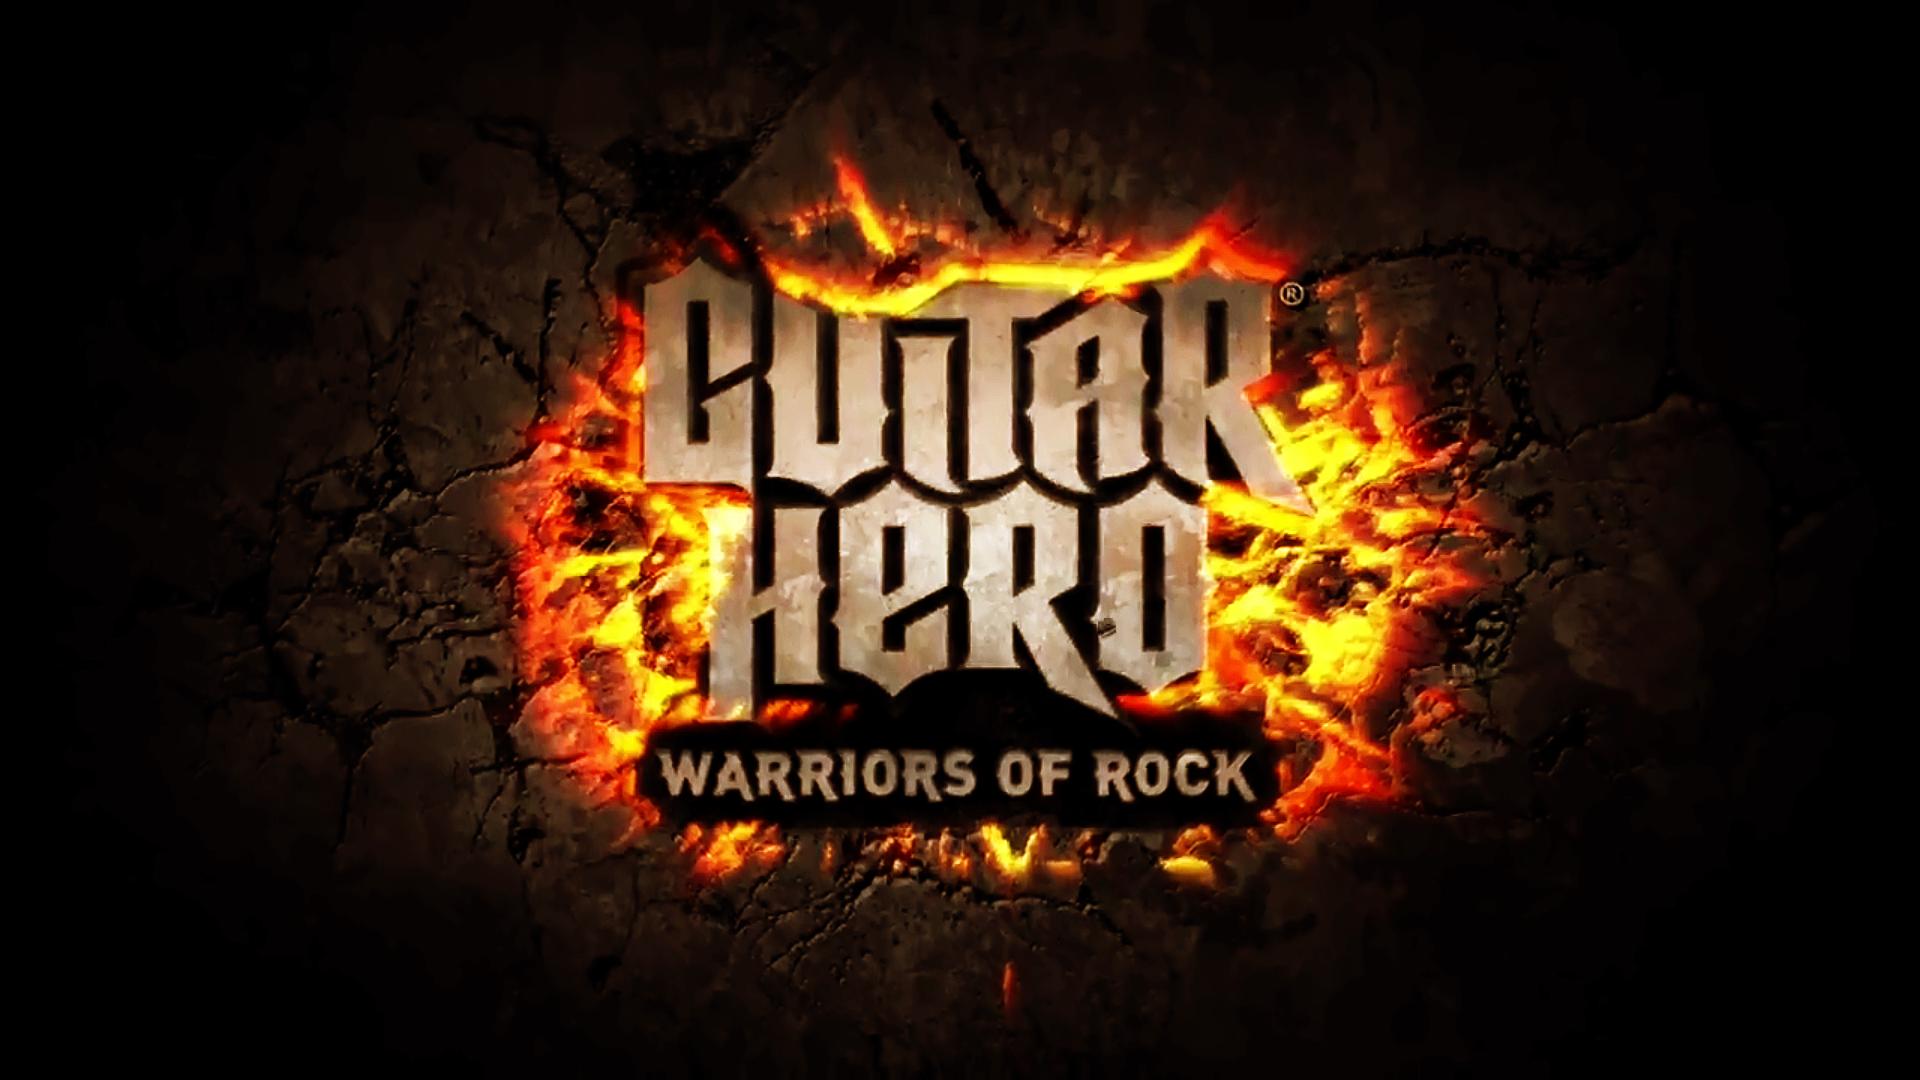 Video Game - Guitar Hero  Wallpaper